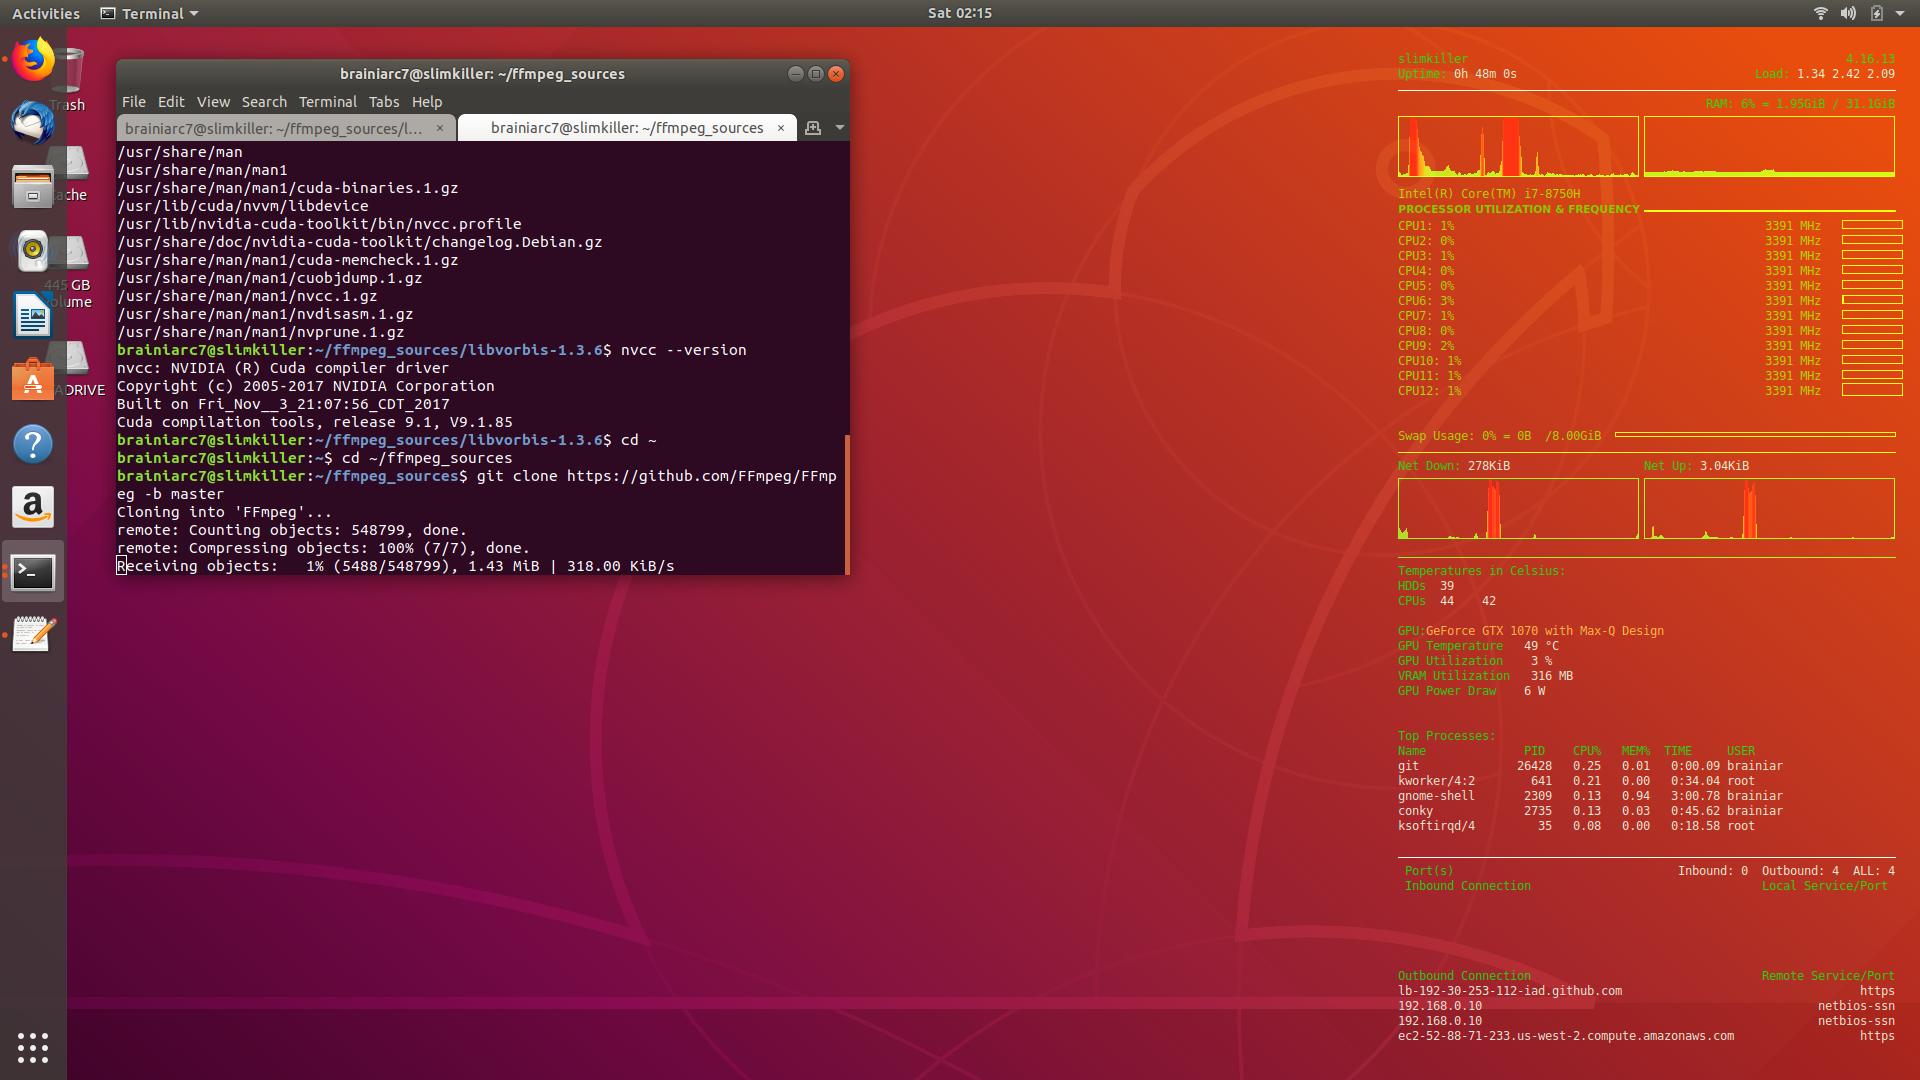 Installing Ubuntu 18 04LTS on the Eurocom Q6, among other tweaks